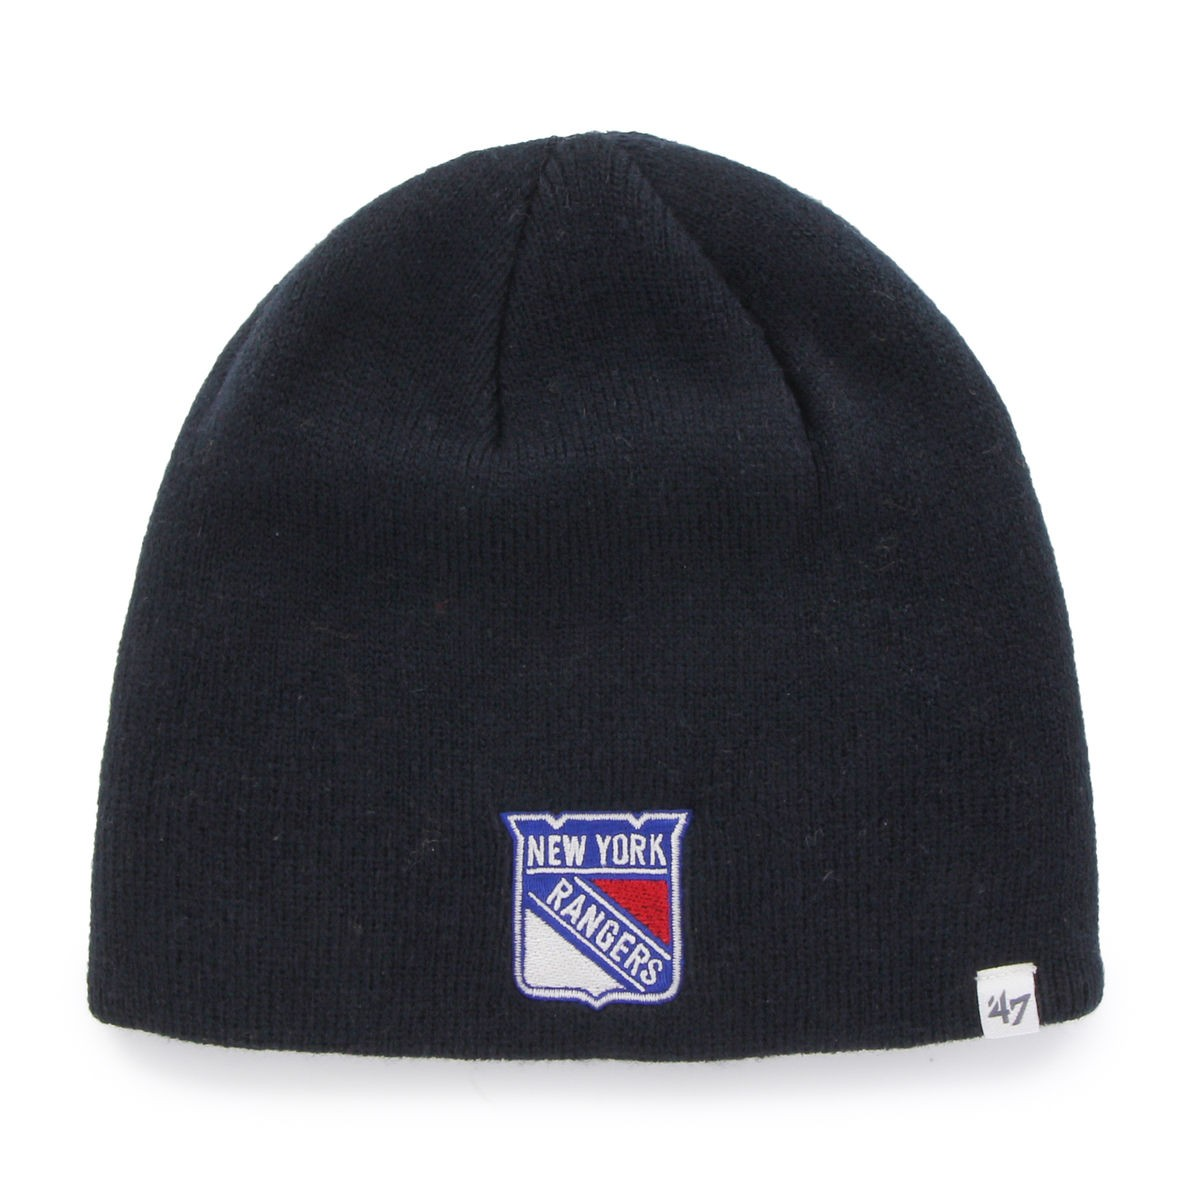 BRAND 47 New York Rangers Beanie Ziemas Cepure